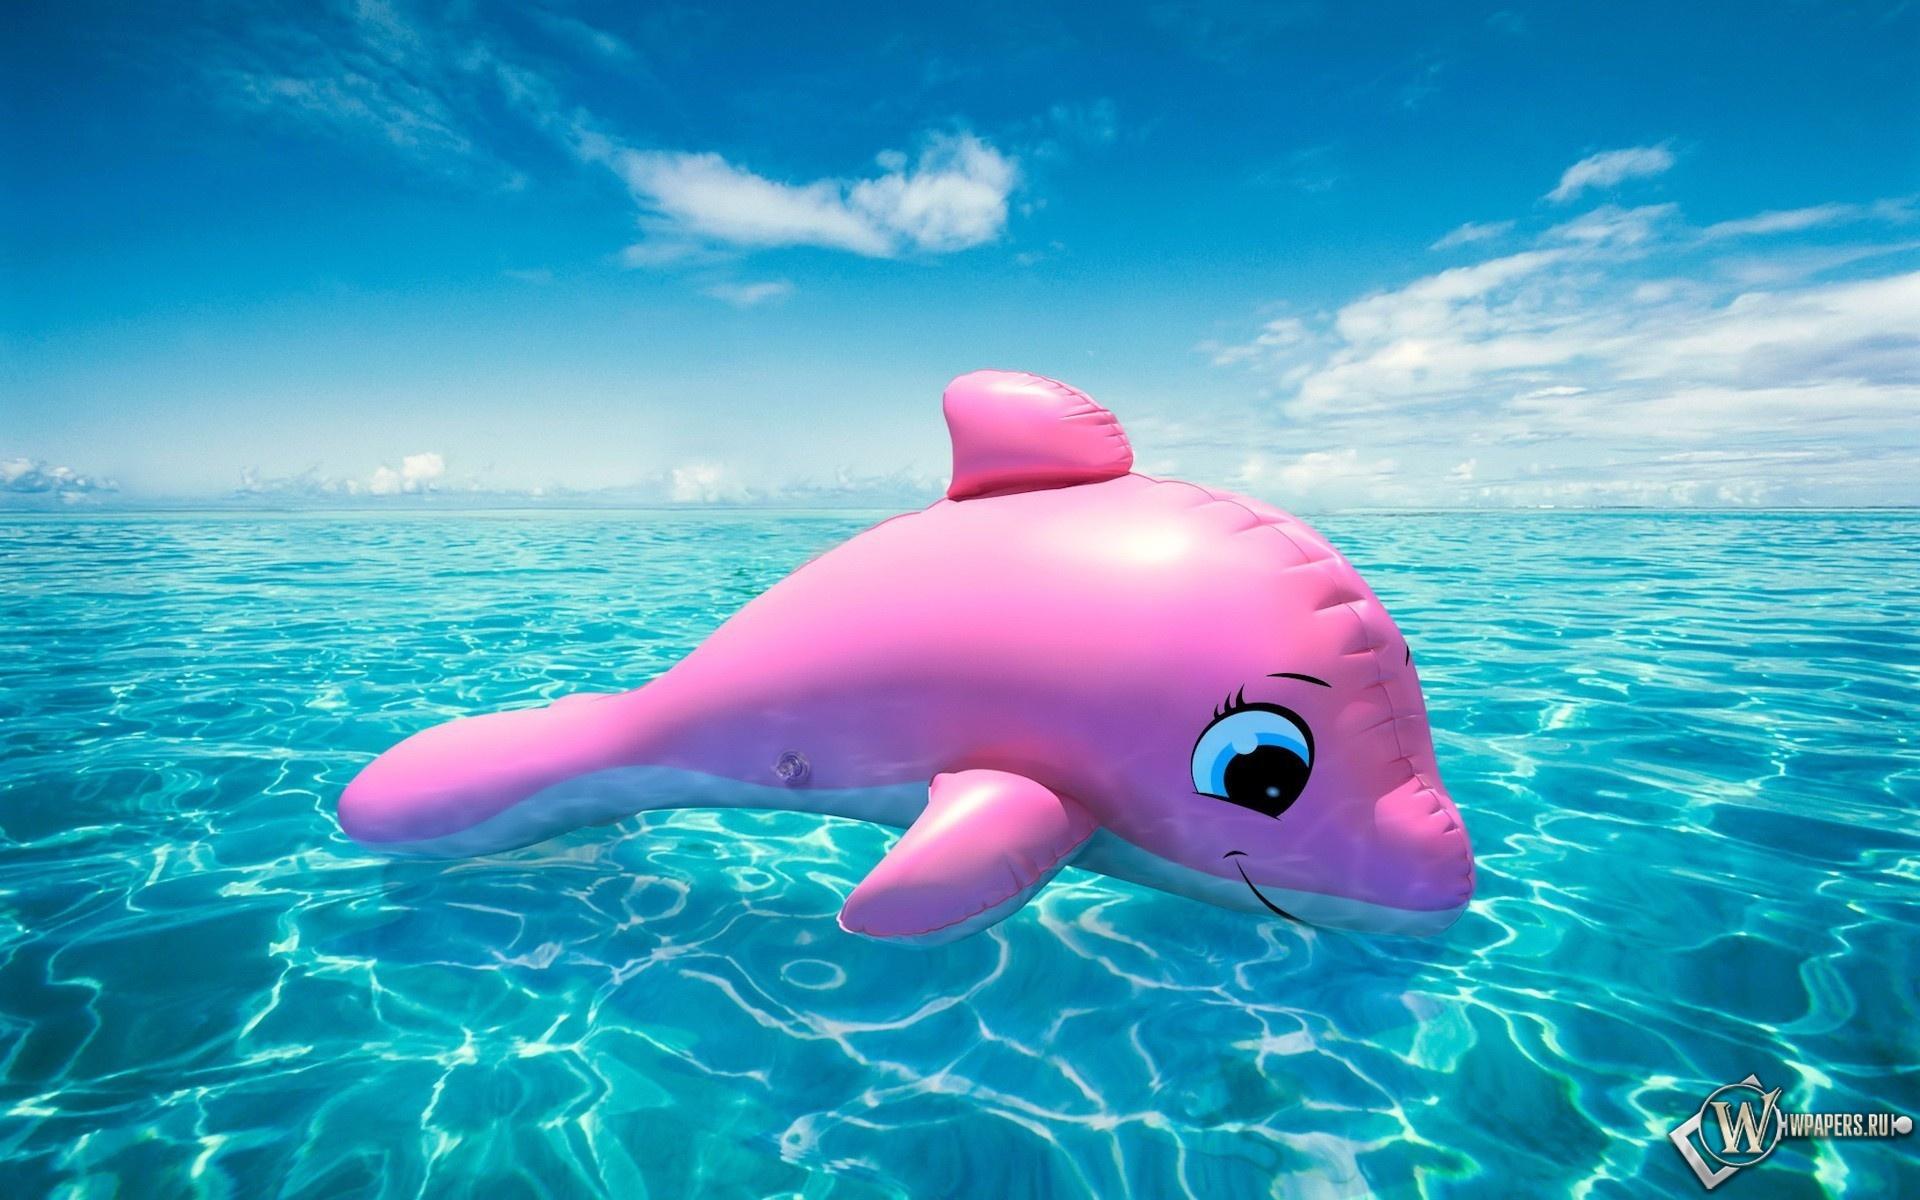 Надувной дельфин 1920x1200